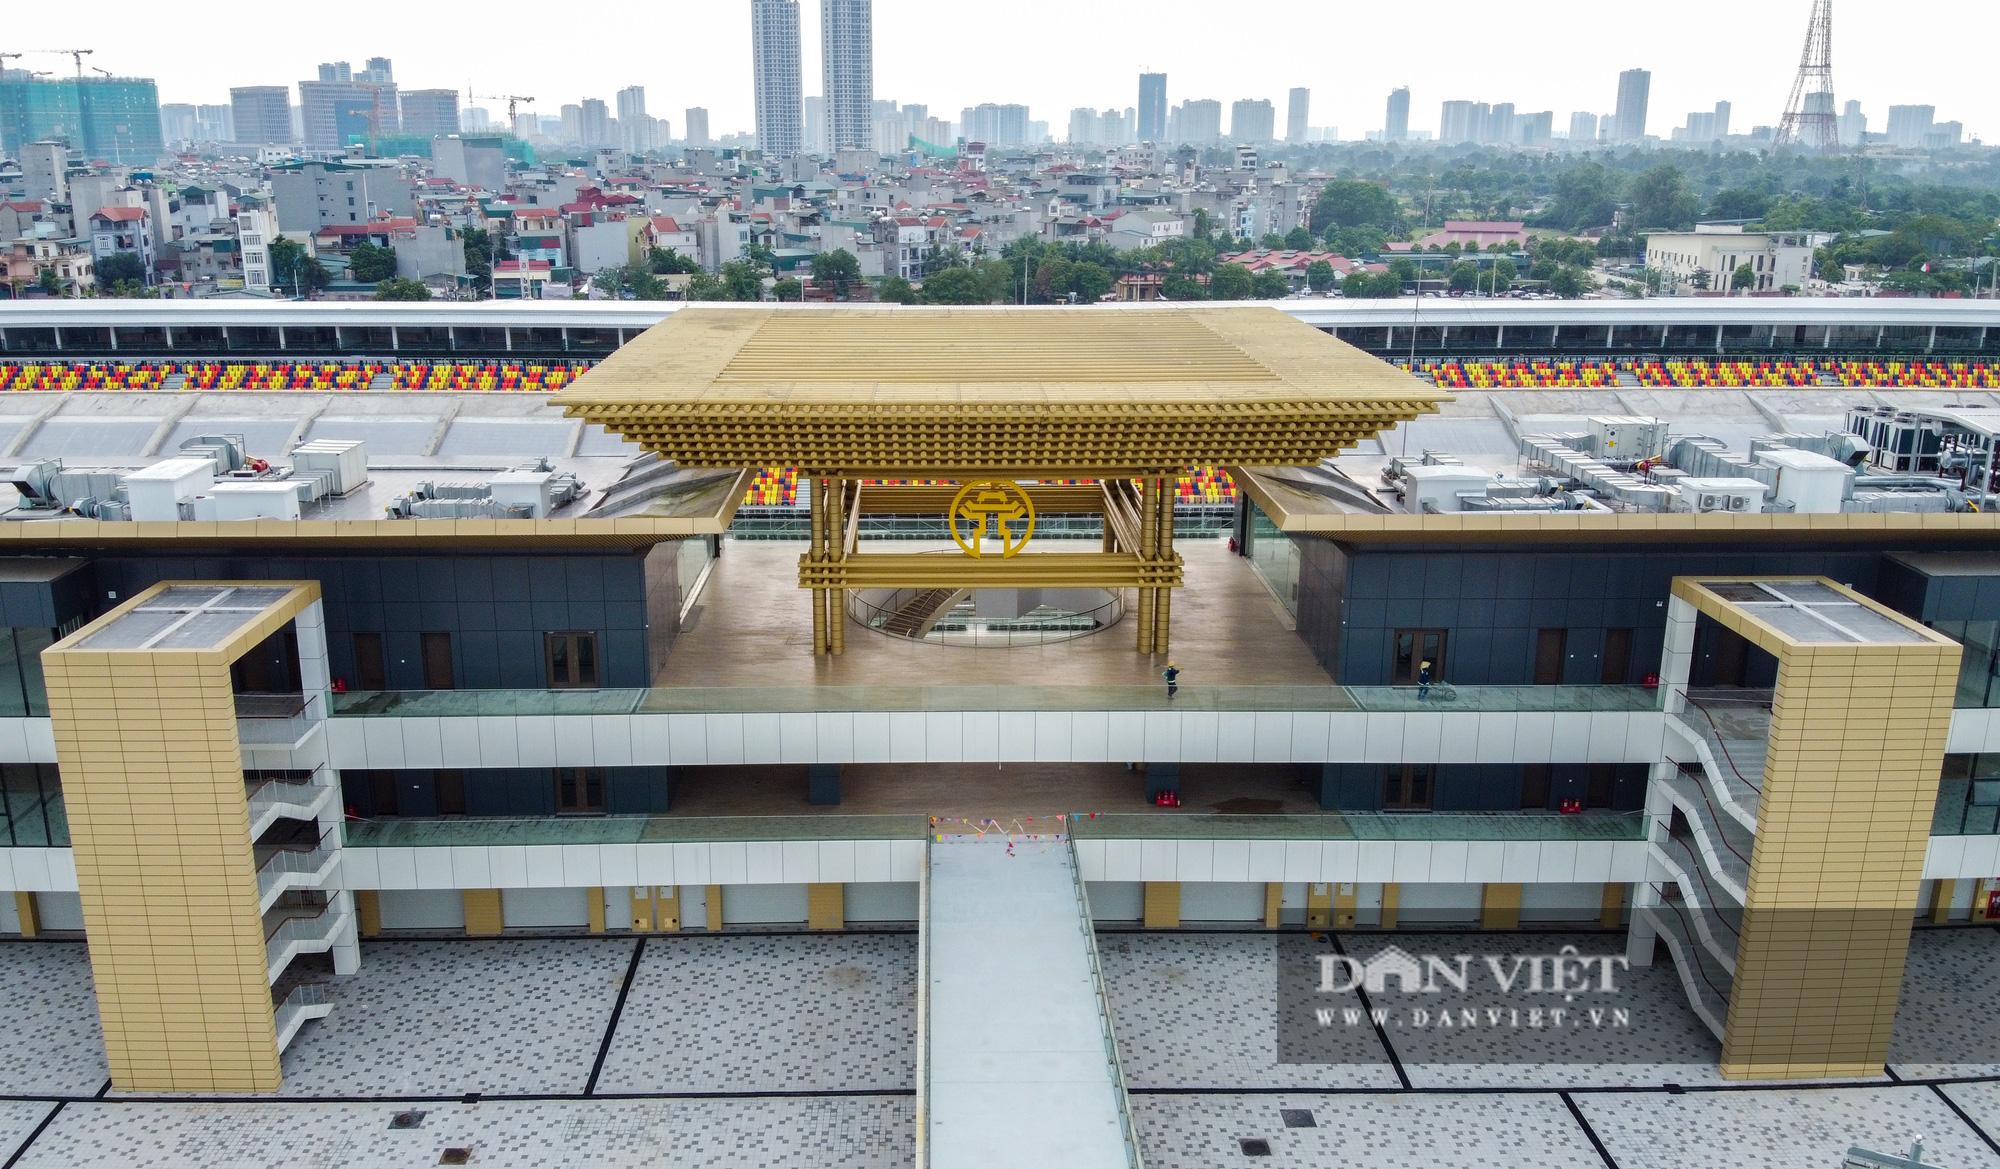 Nhìn lại 10 dự án tiêu biểu do ông Nguyễn Đức Chung - Chủ tịch TP Hà Nội chỉ đạo - Ảnh 15.